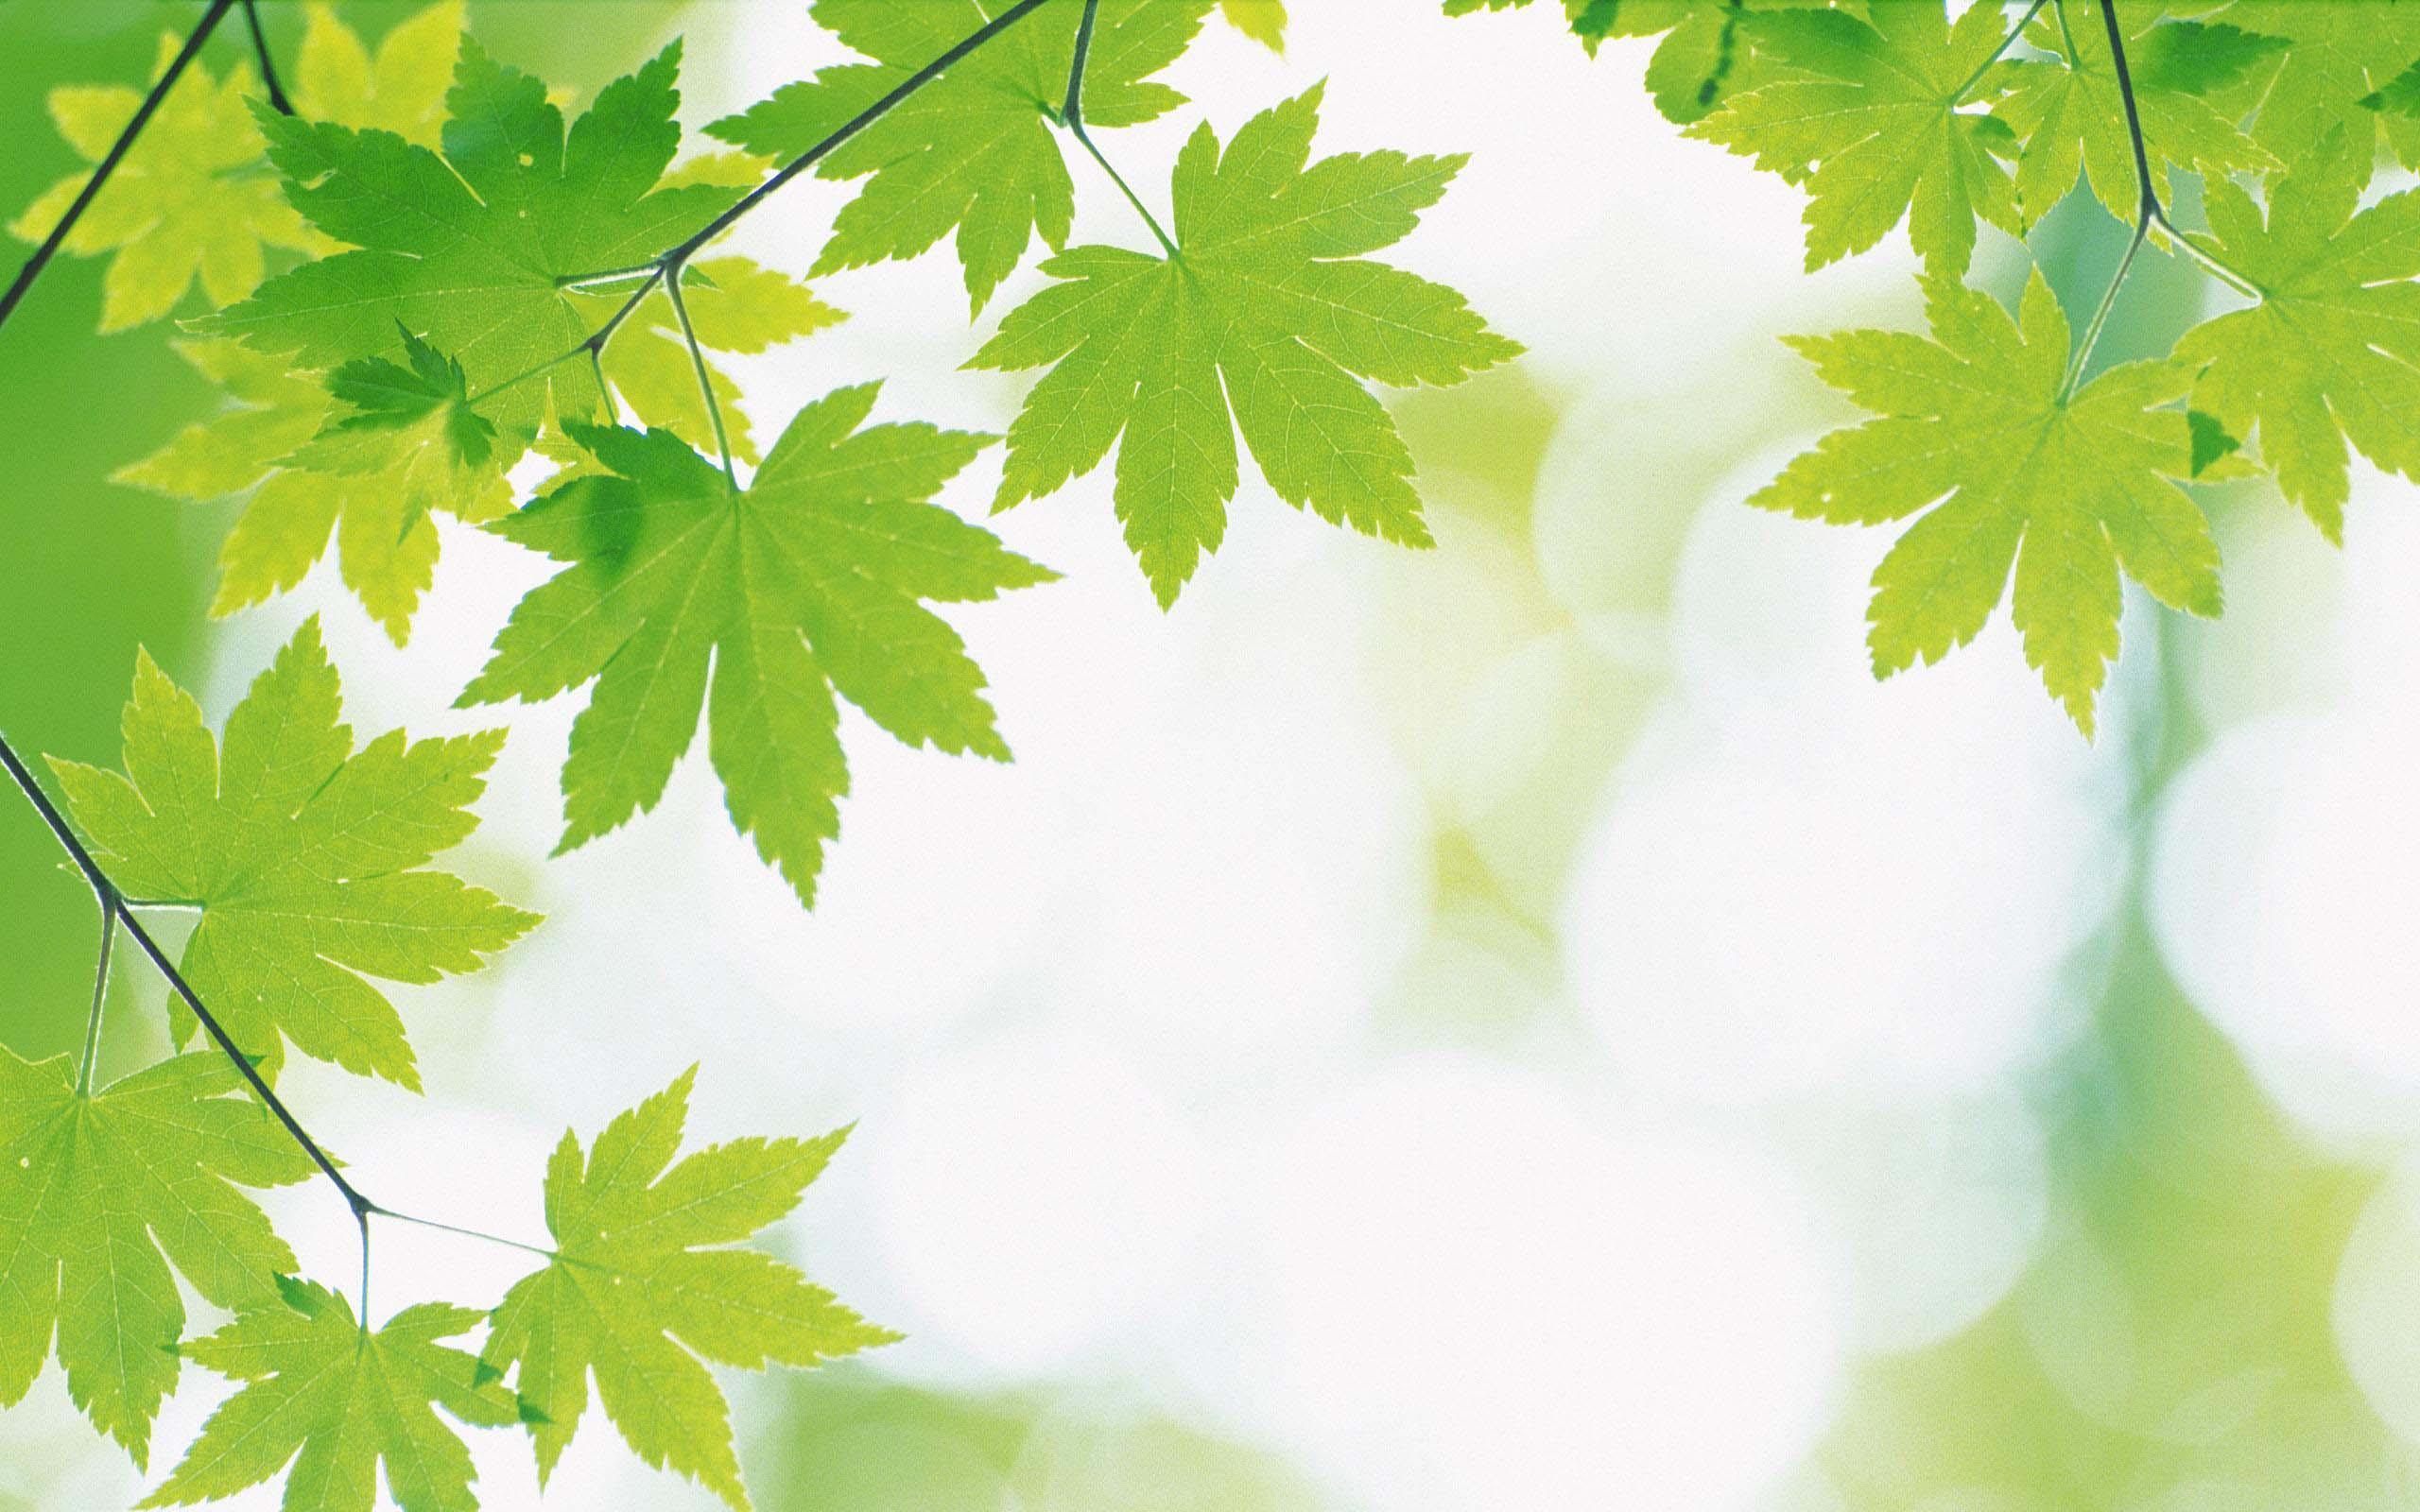 Hình nền màu xanh lá cây đẹp